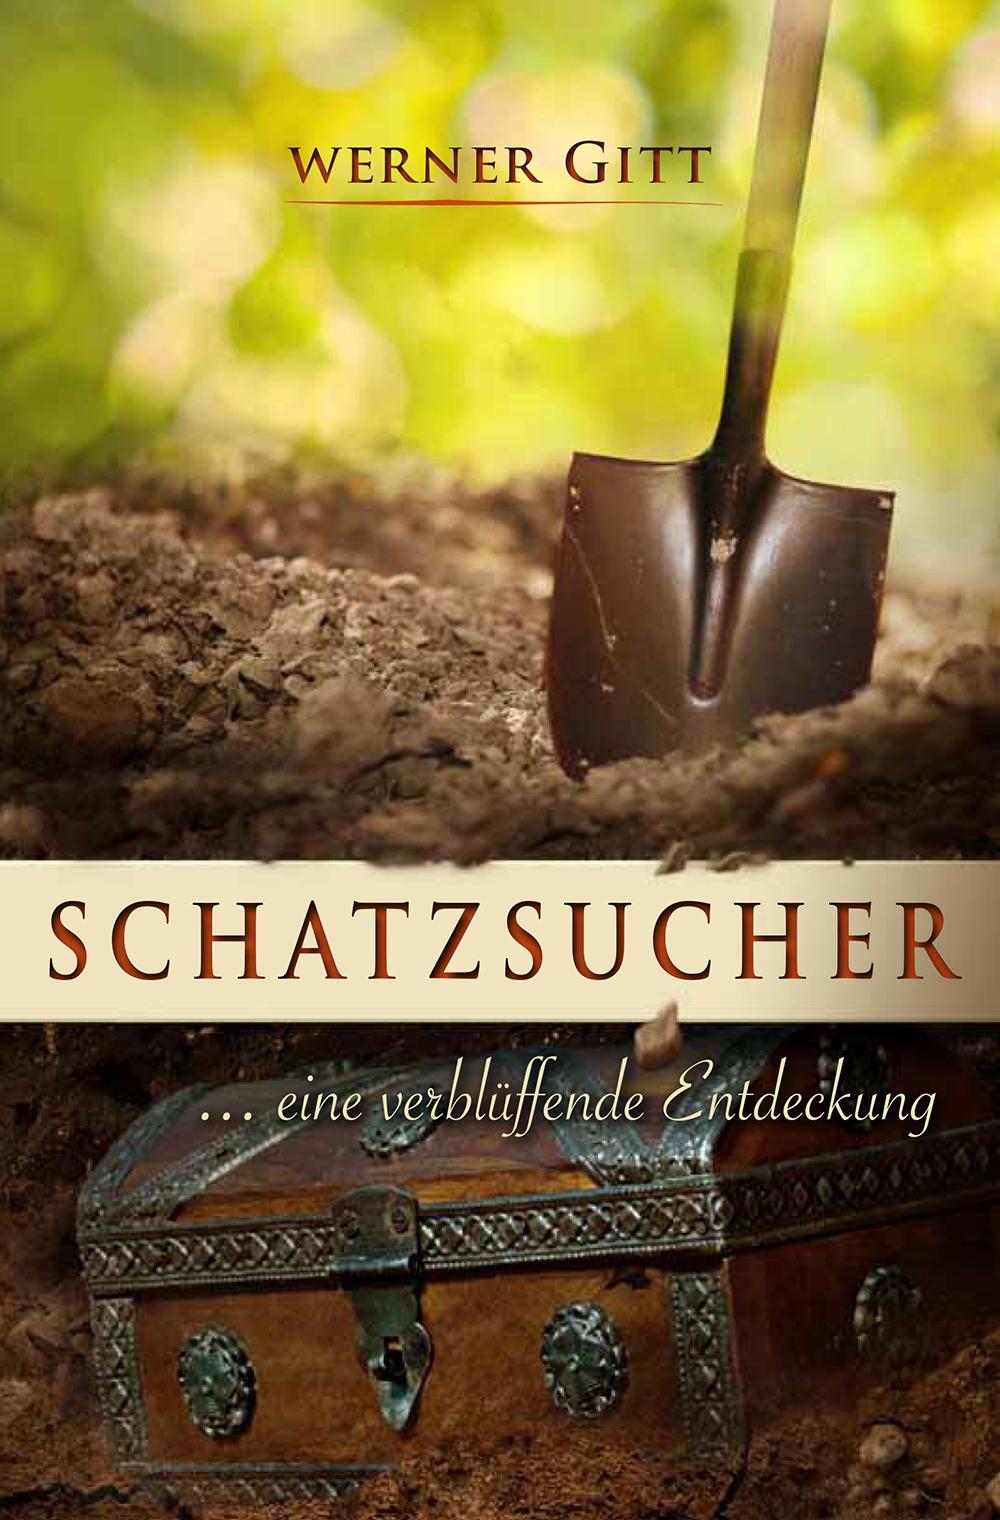 CLV_e-book-schatzsucher_werner-gitt_256821_1